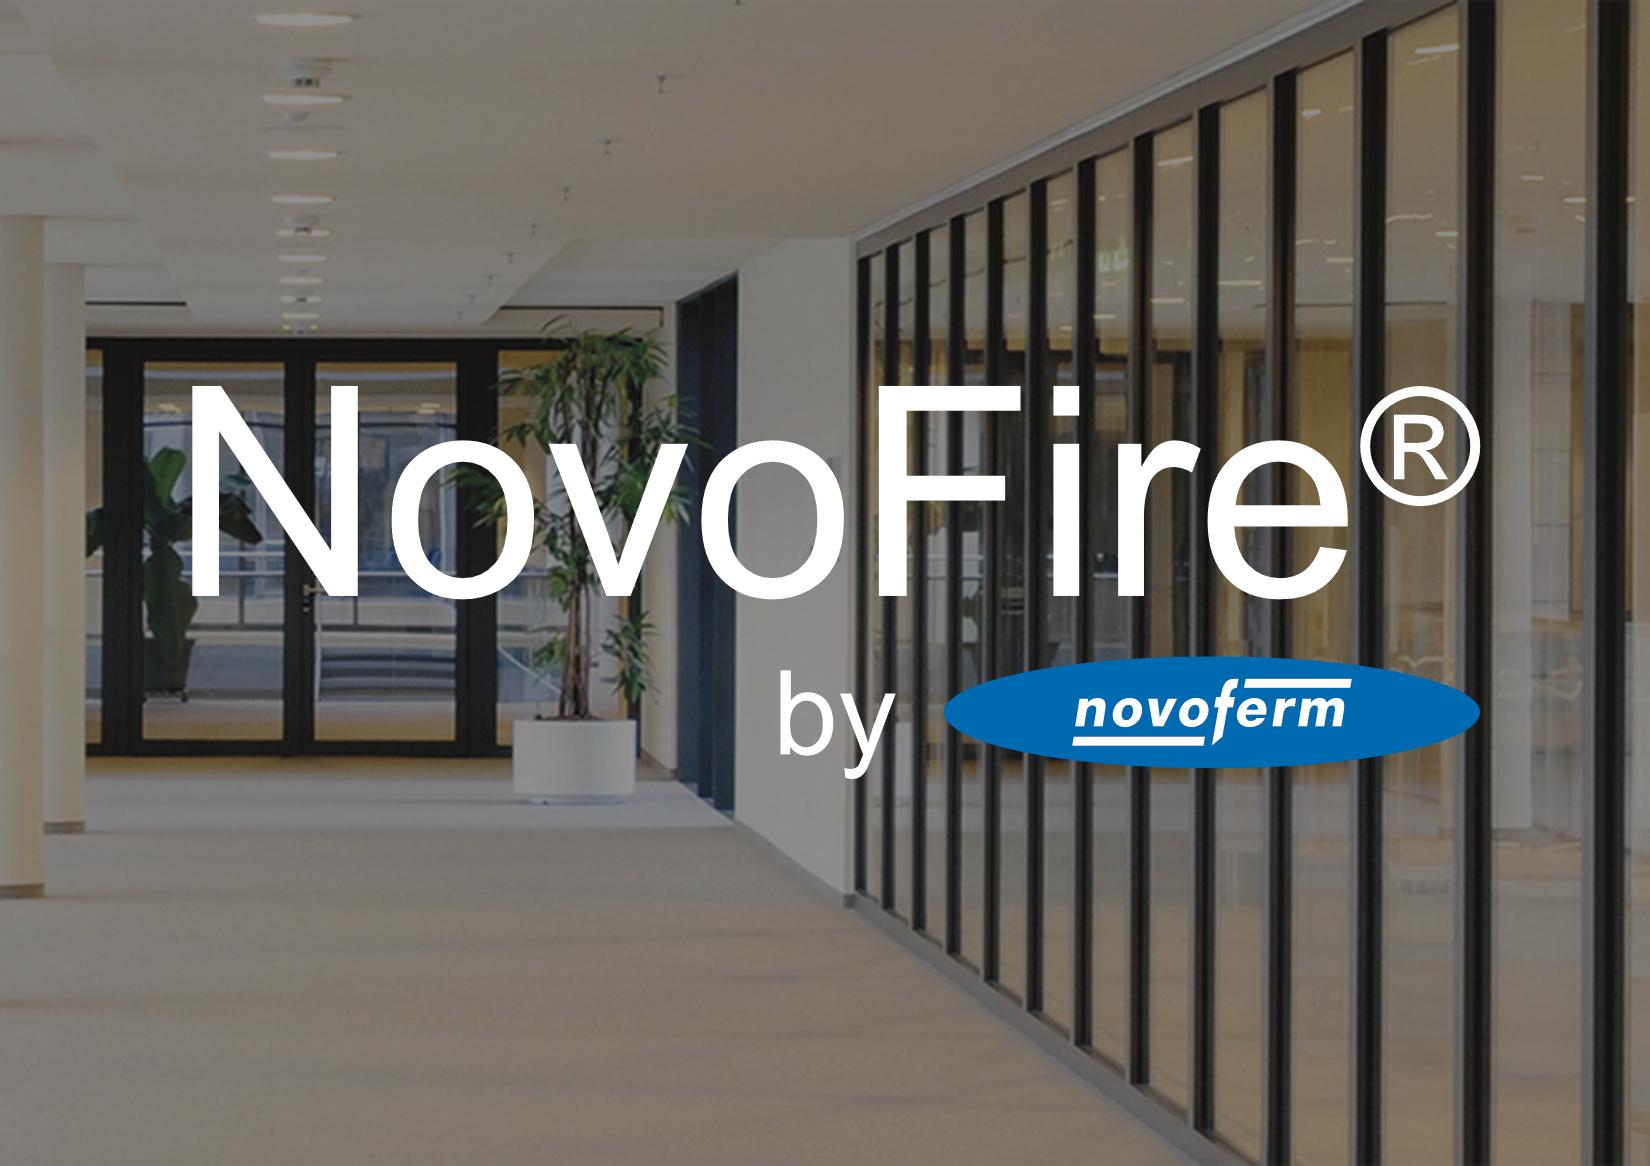 Novofire